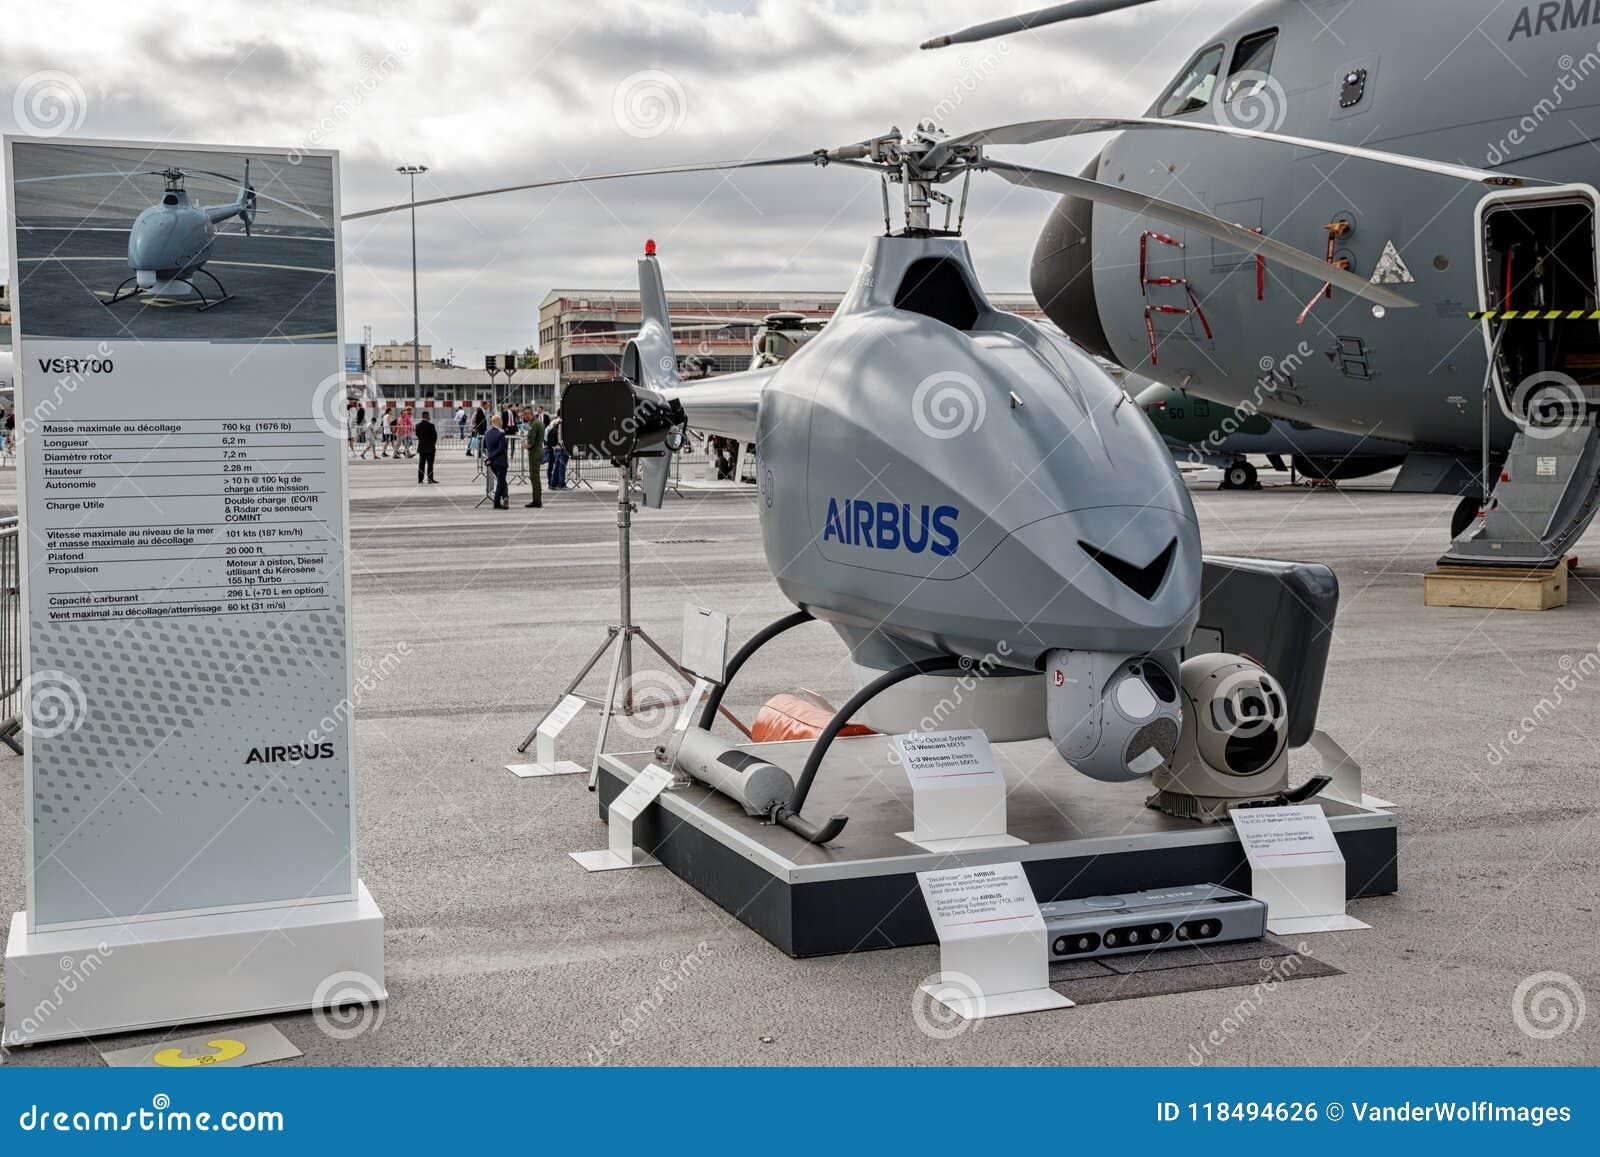 Km H Elicottero : Fuco del uav dell elicottero fotografia editoriale immagine di